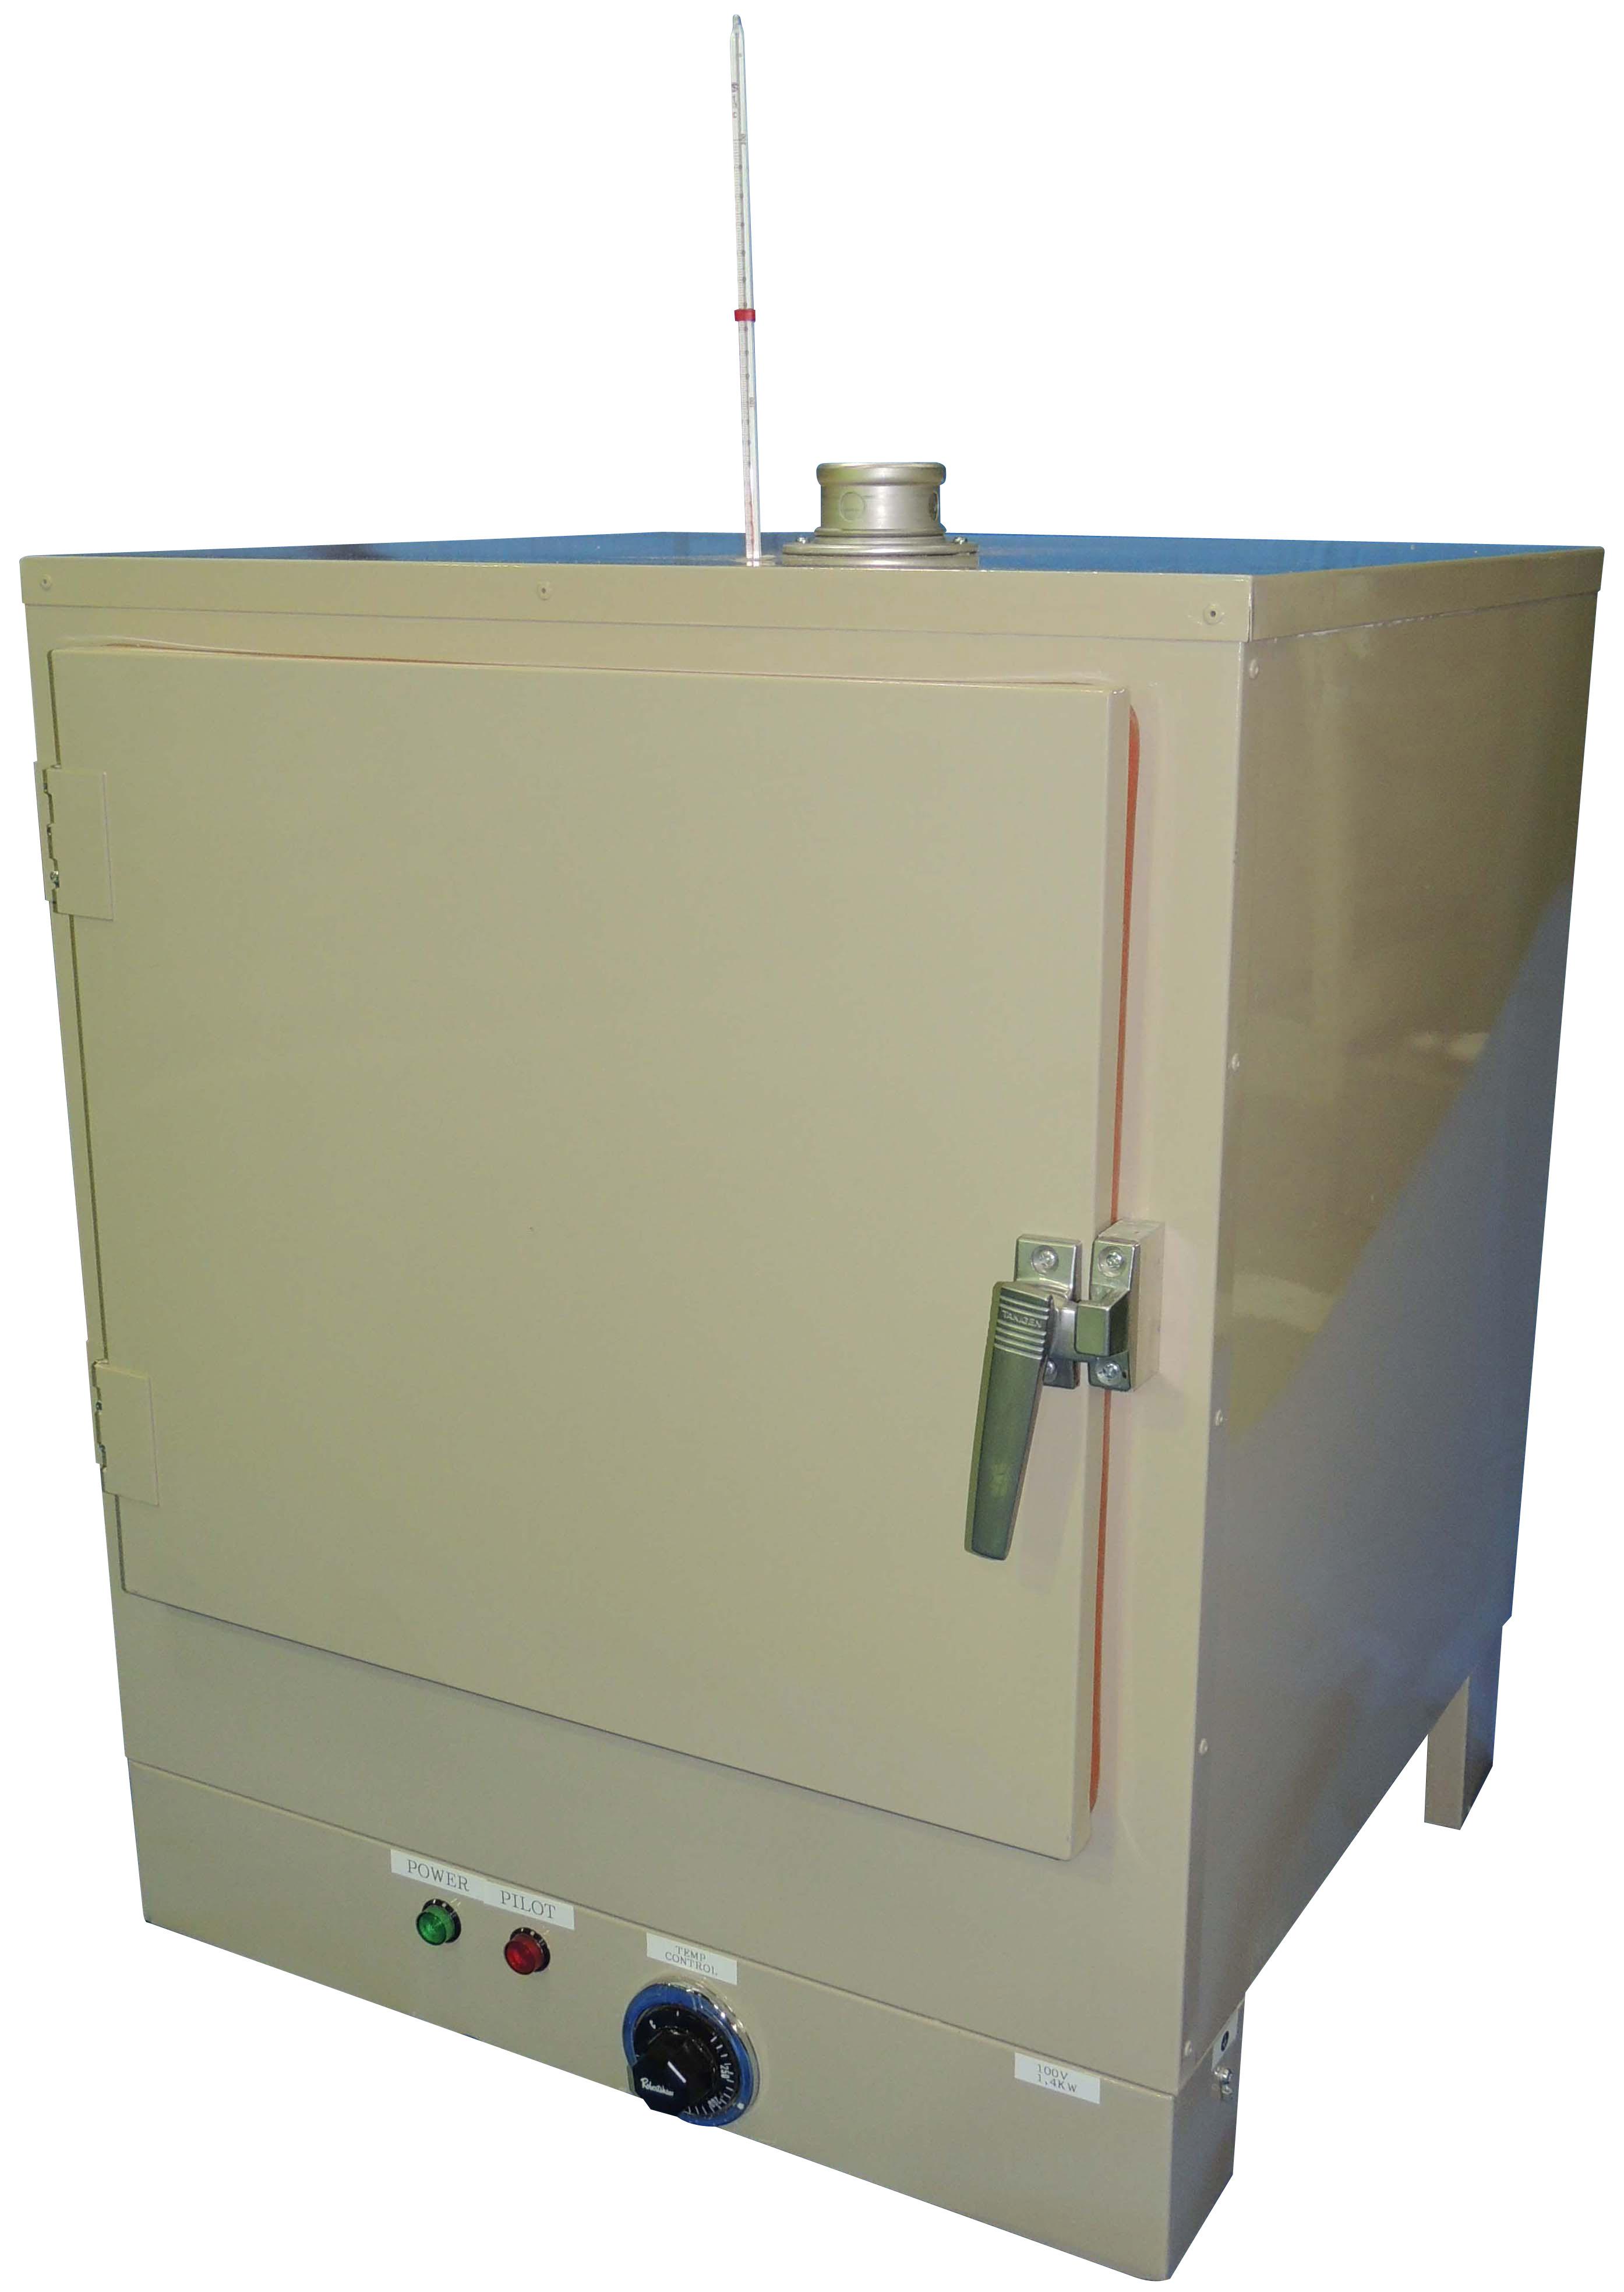 乾燥器 ロバートショウ式 室内寸法 W45cmxD40cmxH40cm